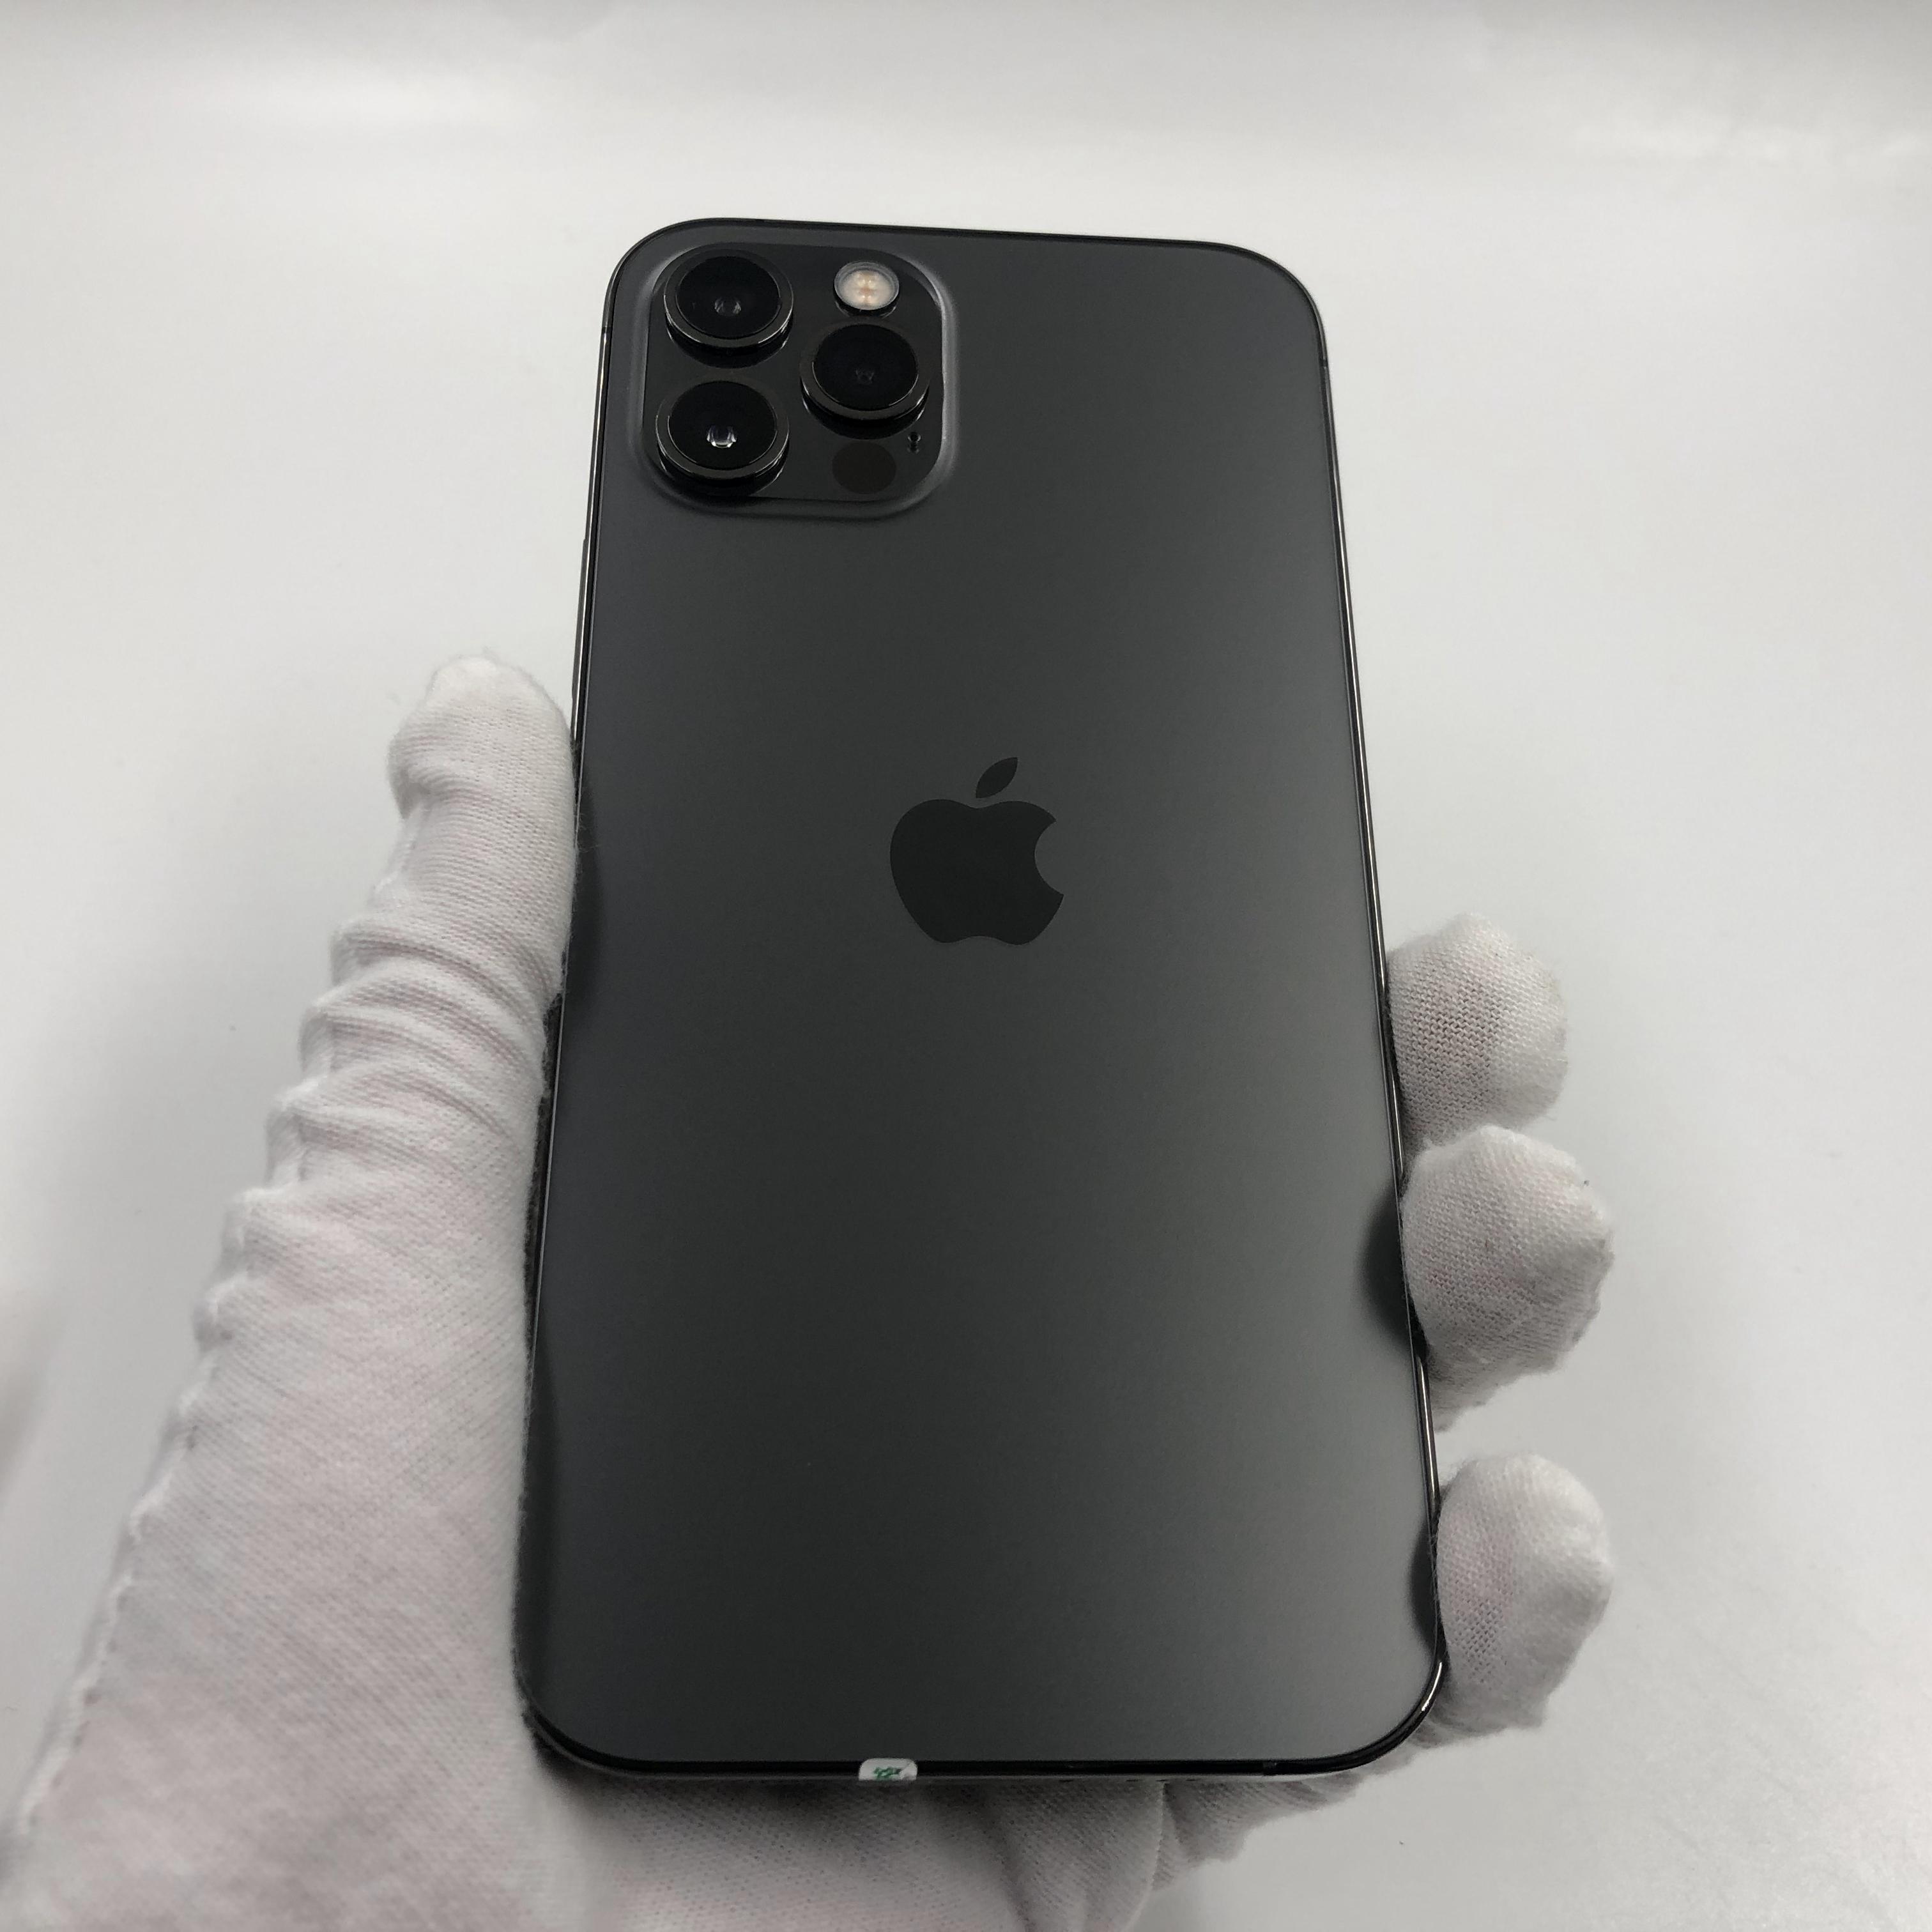 苹果【iPhone 12 Pro】5G全网通 石墨色 256G 国行 8成新 真机实拍保修2021-11-08